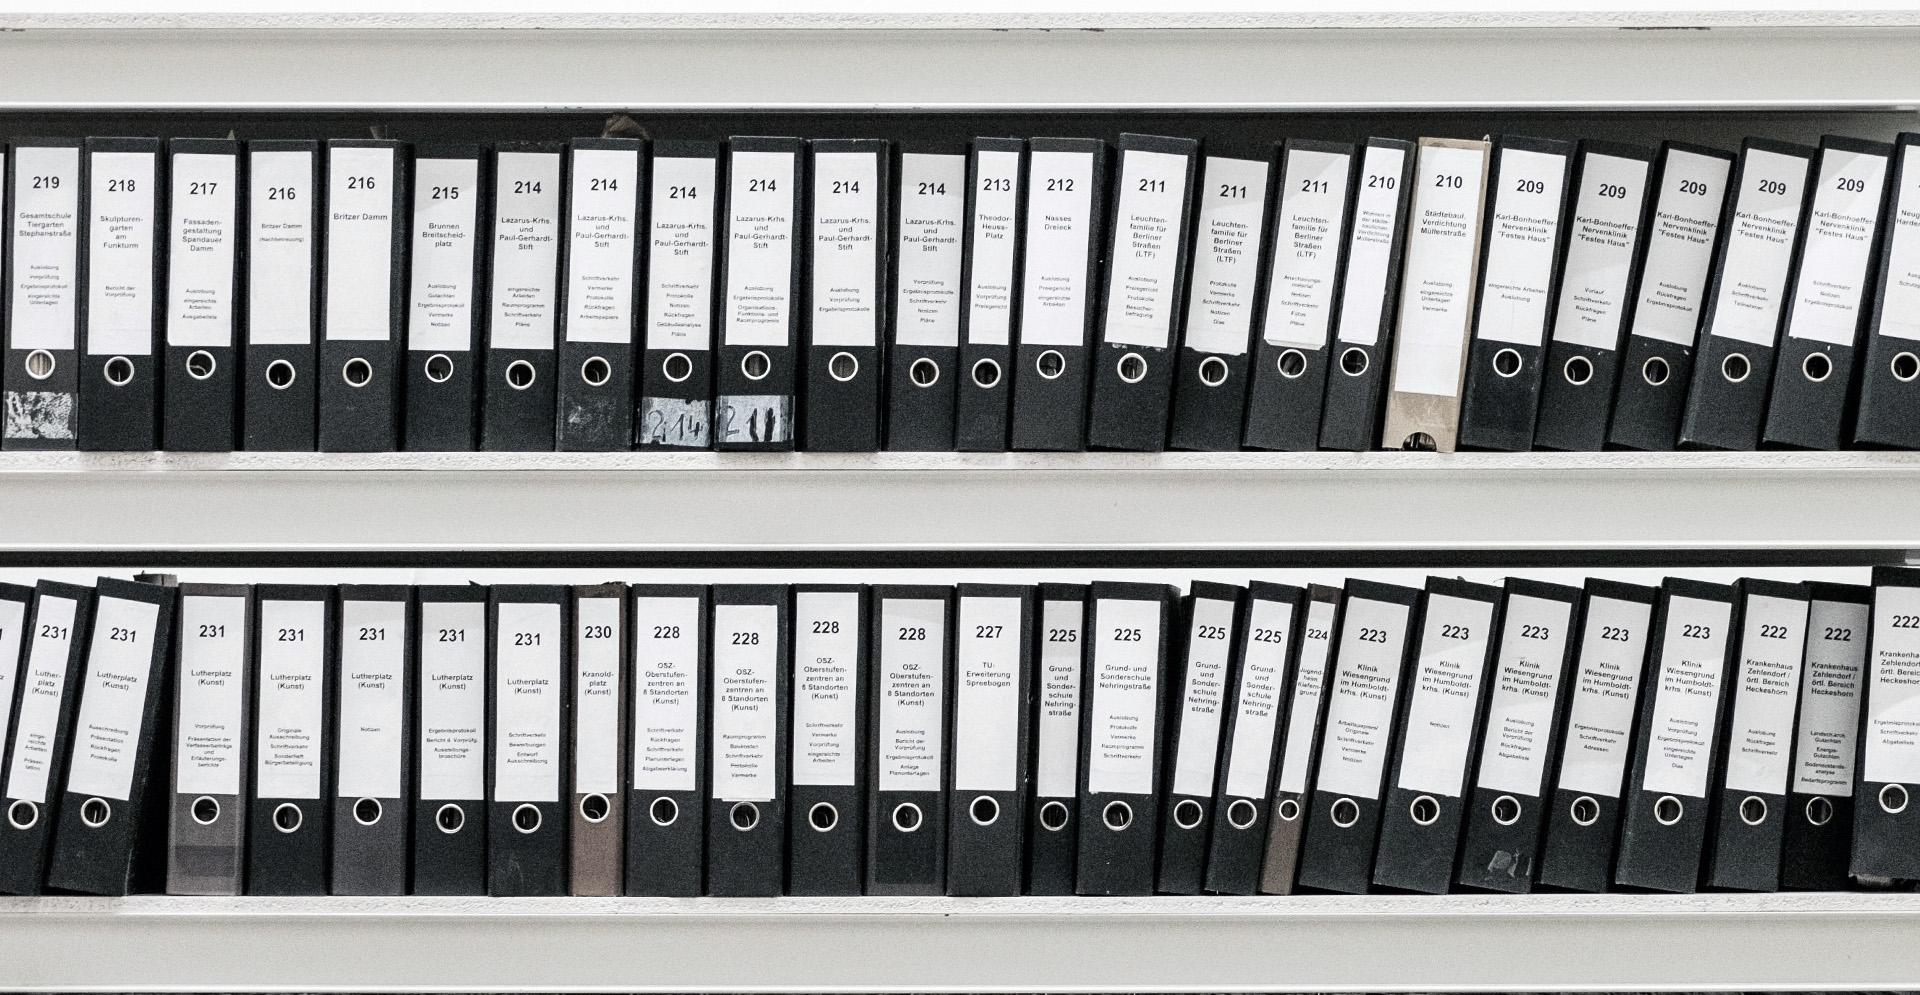 estantería con archivadores